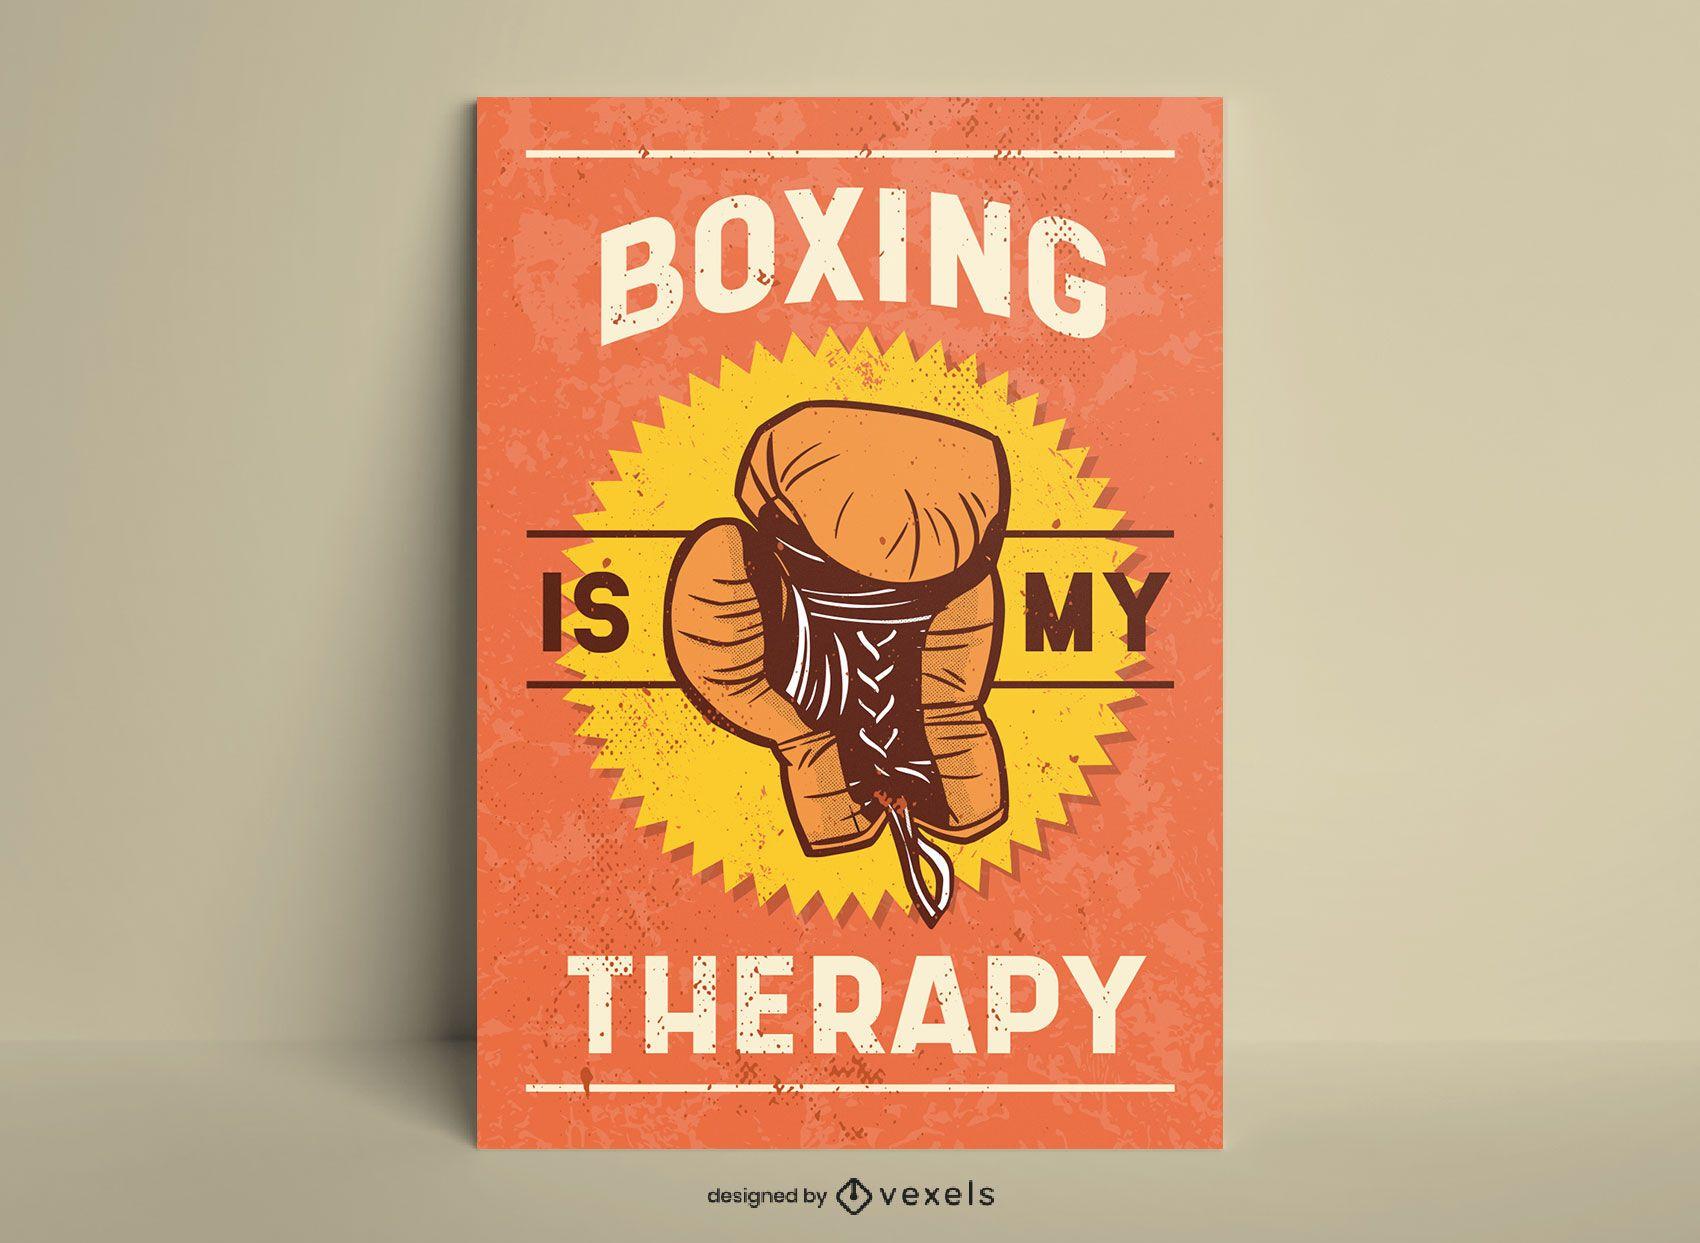 Boxen ist mein Therapieposter im Vintage-Stil